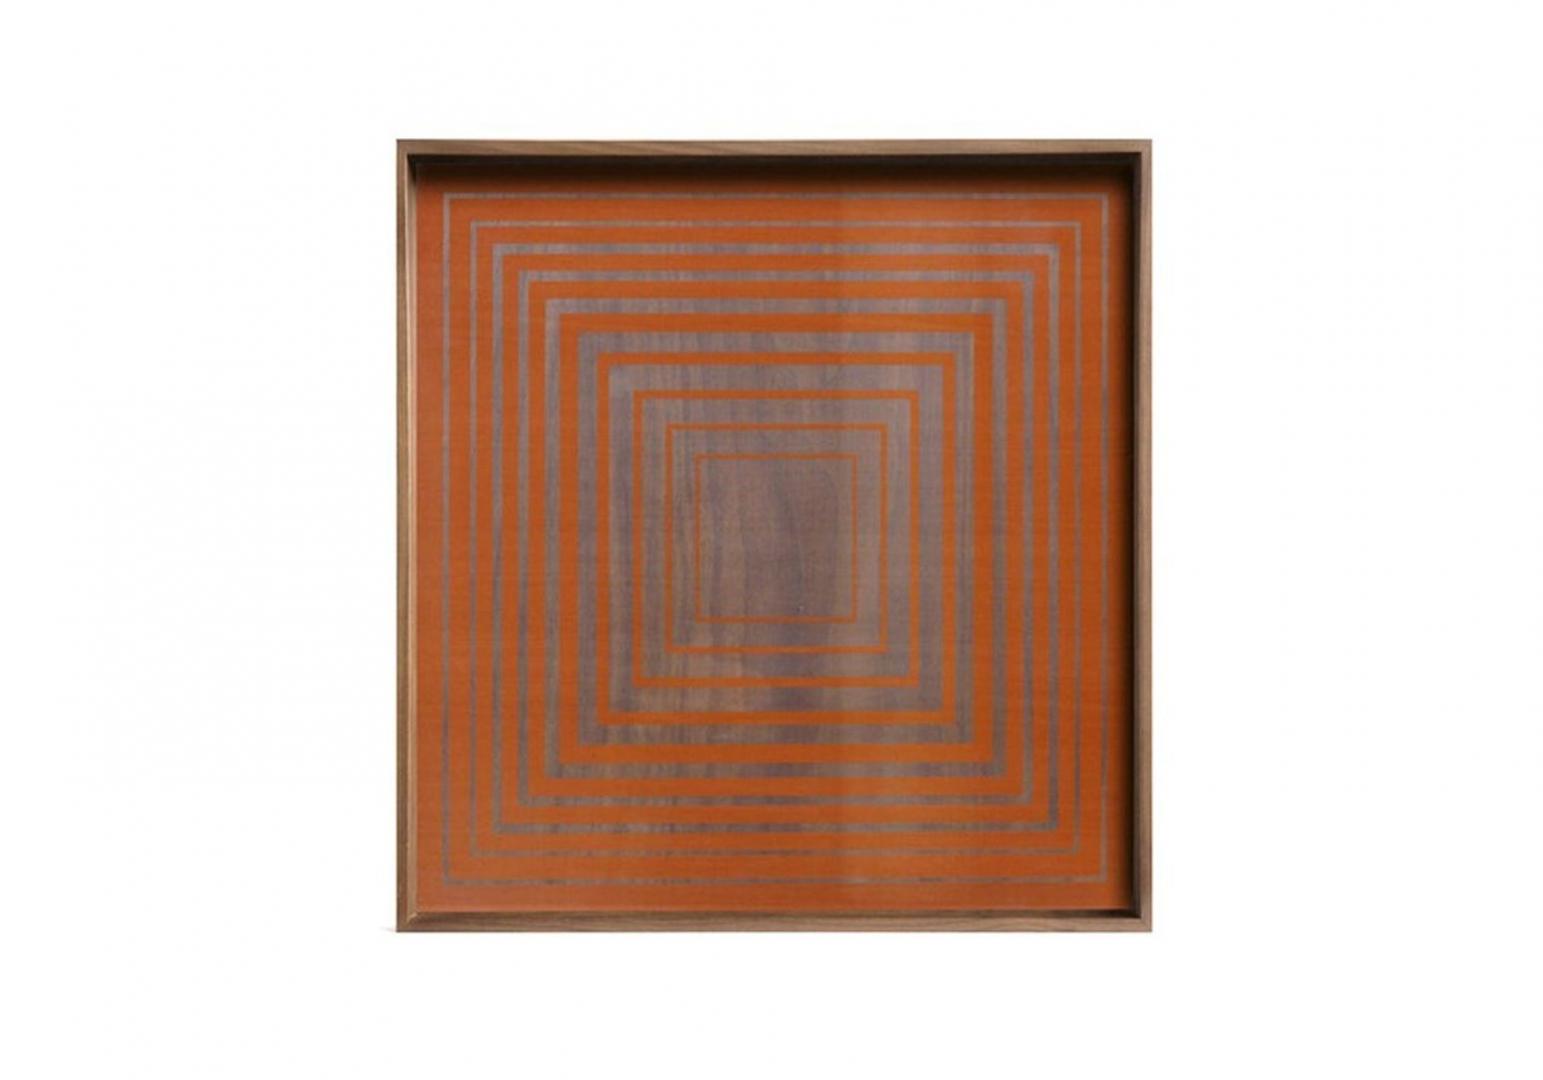 Plateau Pumpkin Square glass - ETHNICRAFT ACCESSOIRES